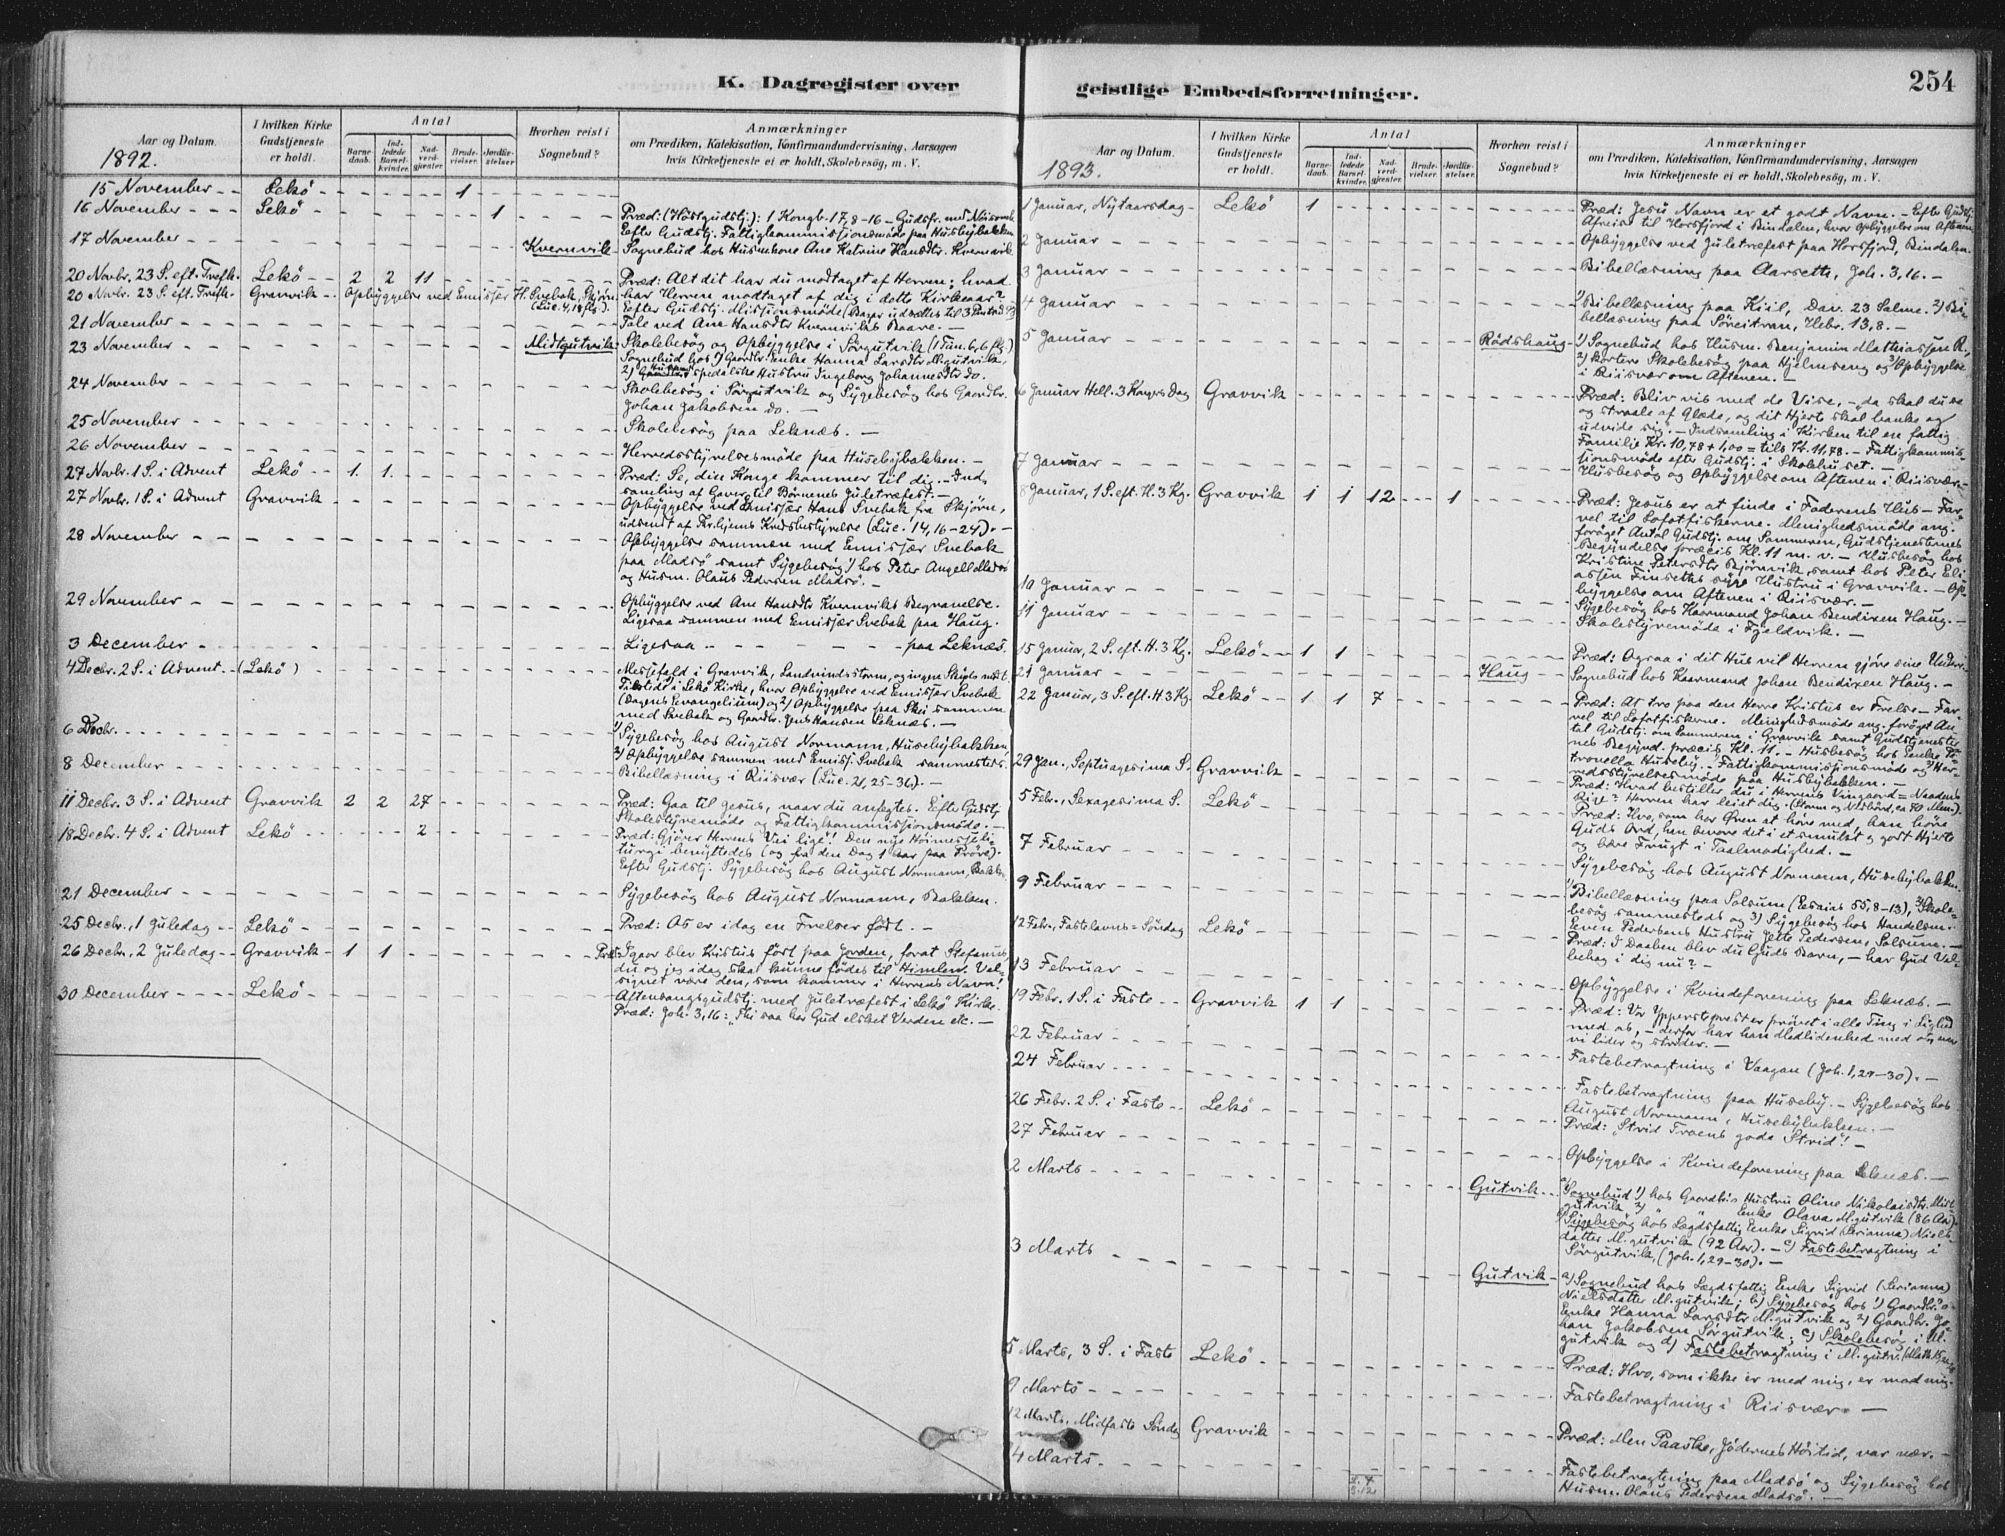 SAT, Ministerialprotokoller, klokkerbøker og fødselsregistre - Nord-Trøndelag, 788/L0697: Ministerialbok nr. 788A04, 1878-1902, s. 254